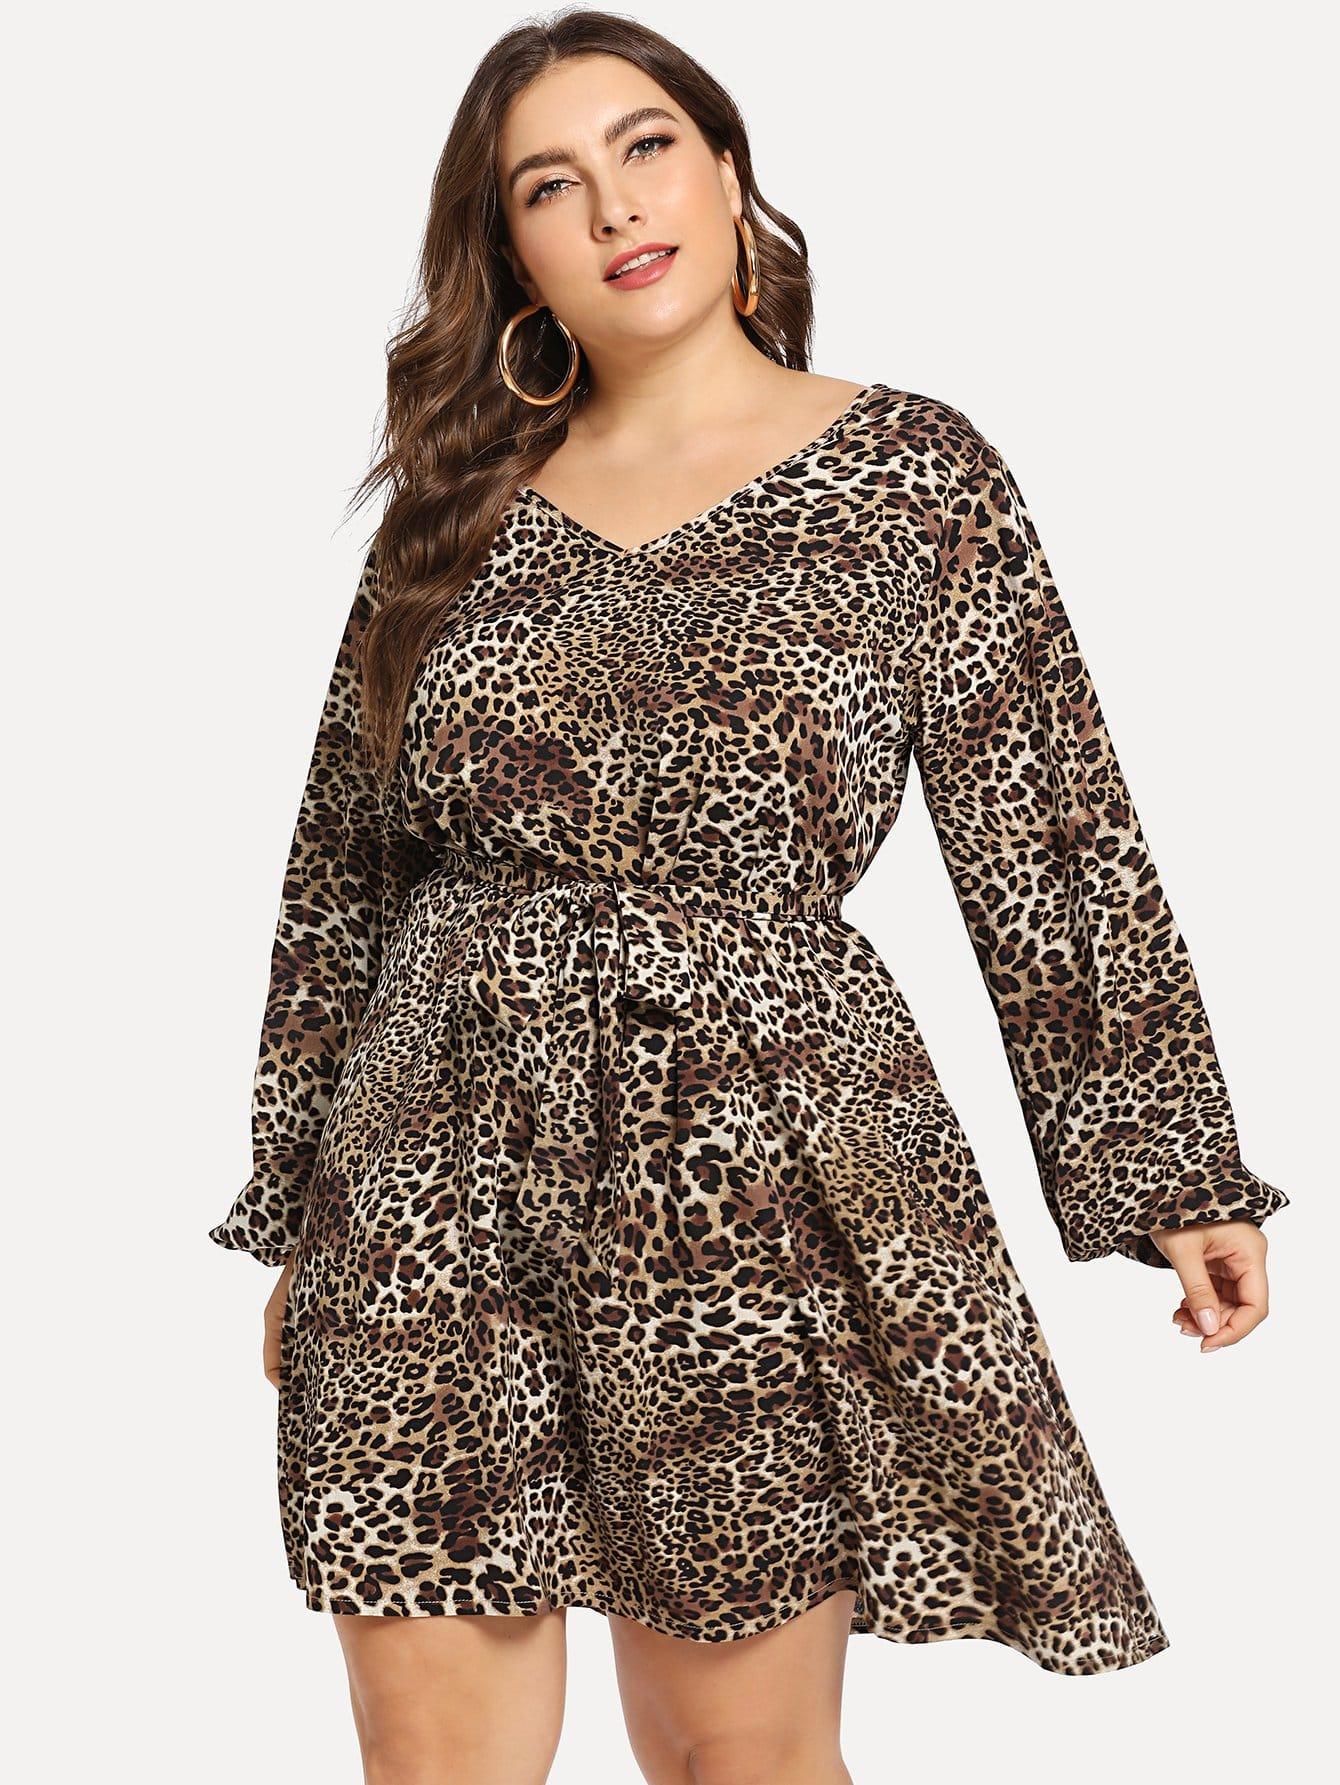 Леопардовое платье с v-образным вырезом размера плюс